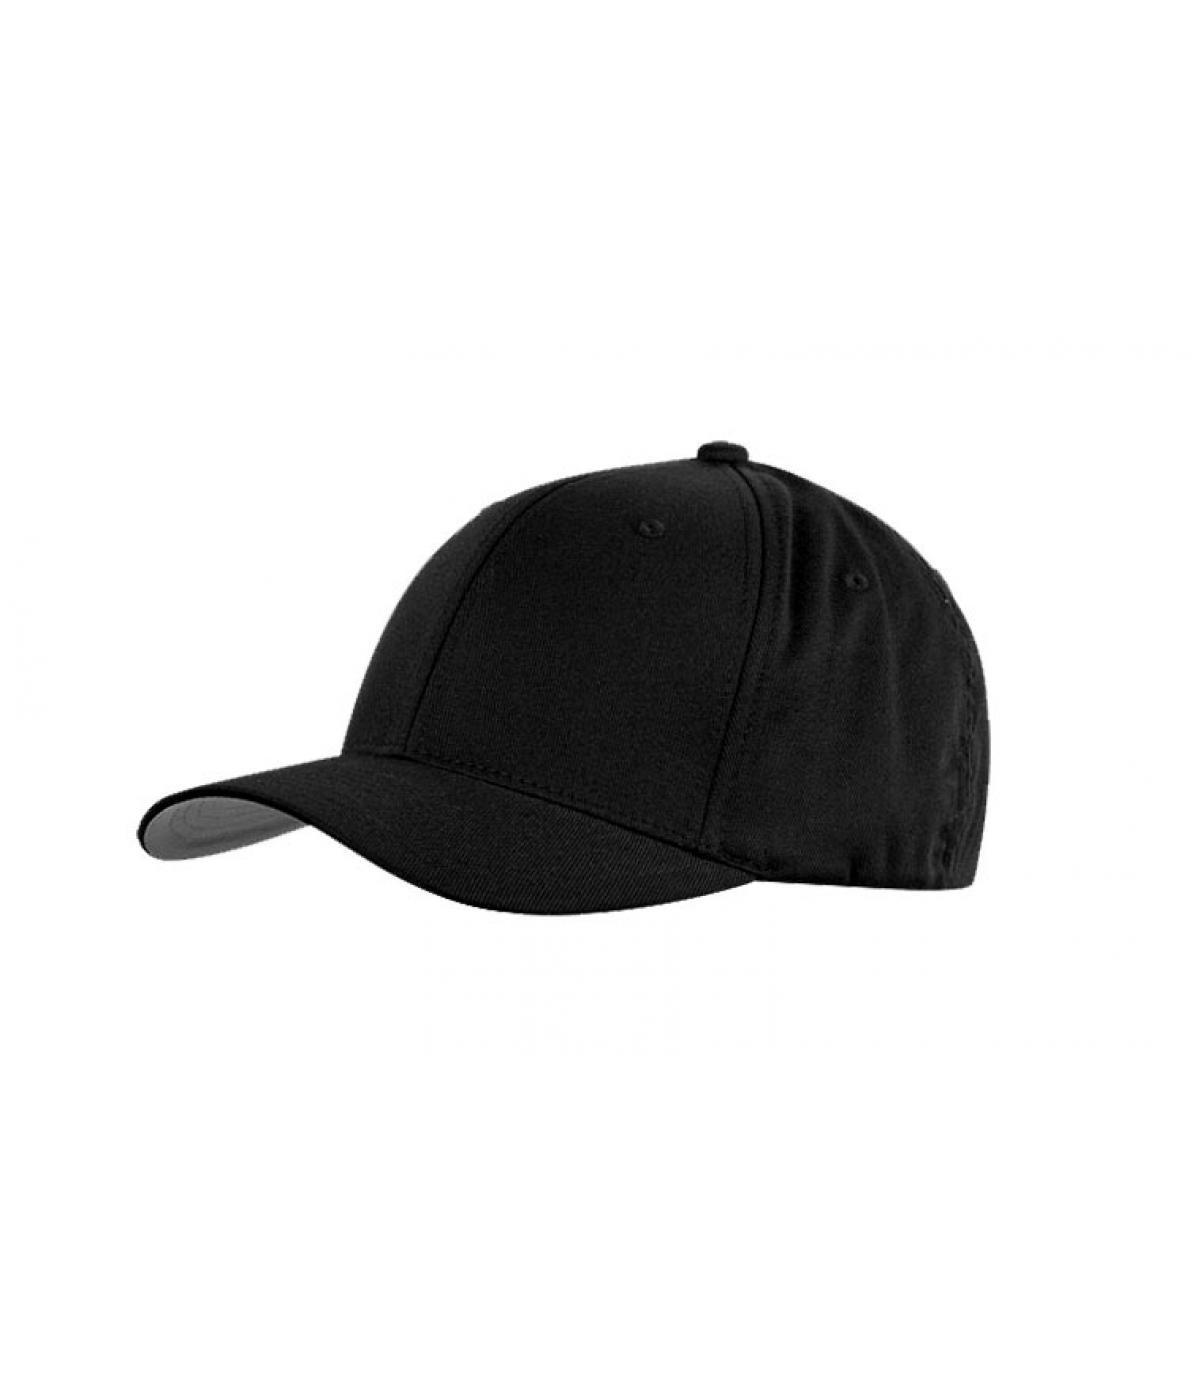 casquette noir homme flex fit 6ef398c84c42